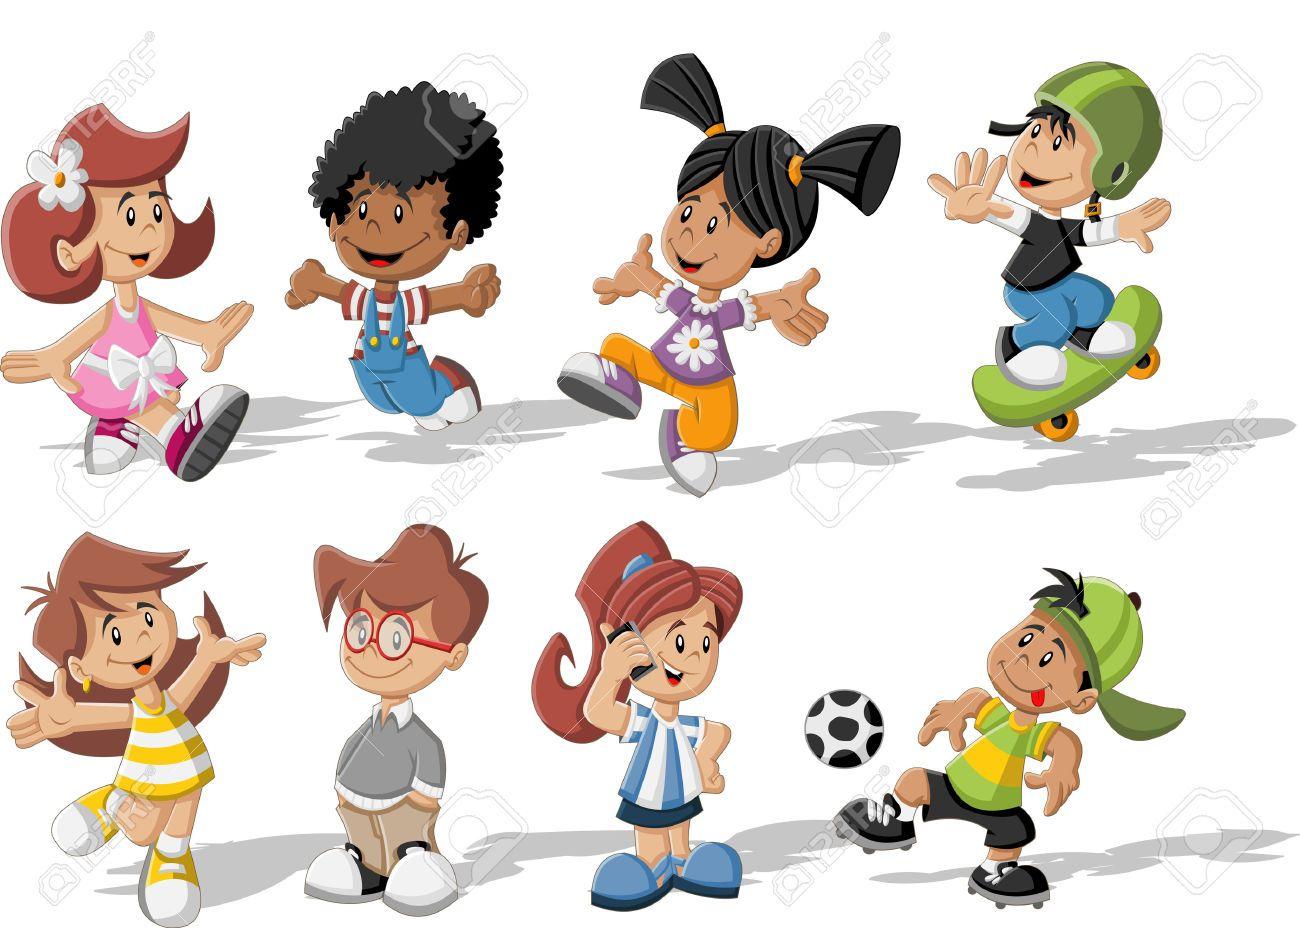 Grupo De Niños Felices Jugando Dibujos Animados